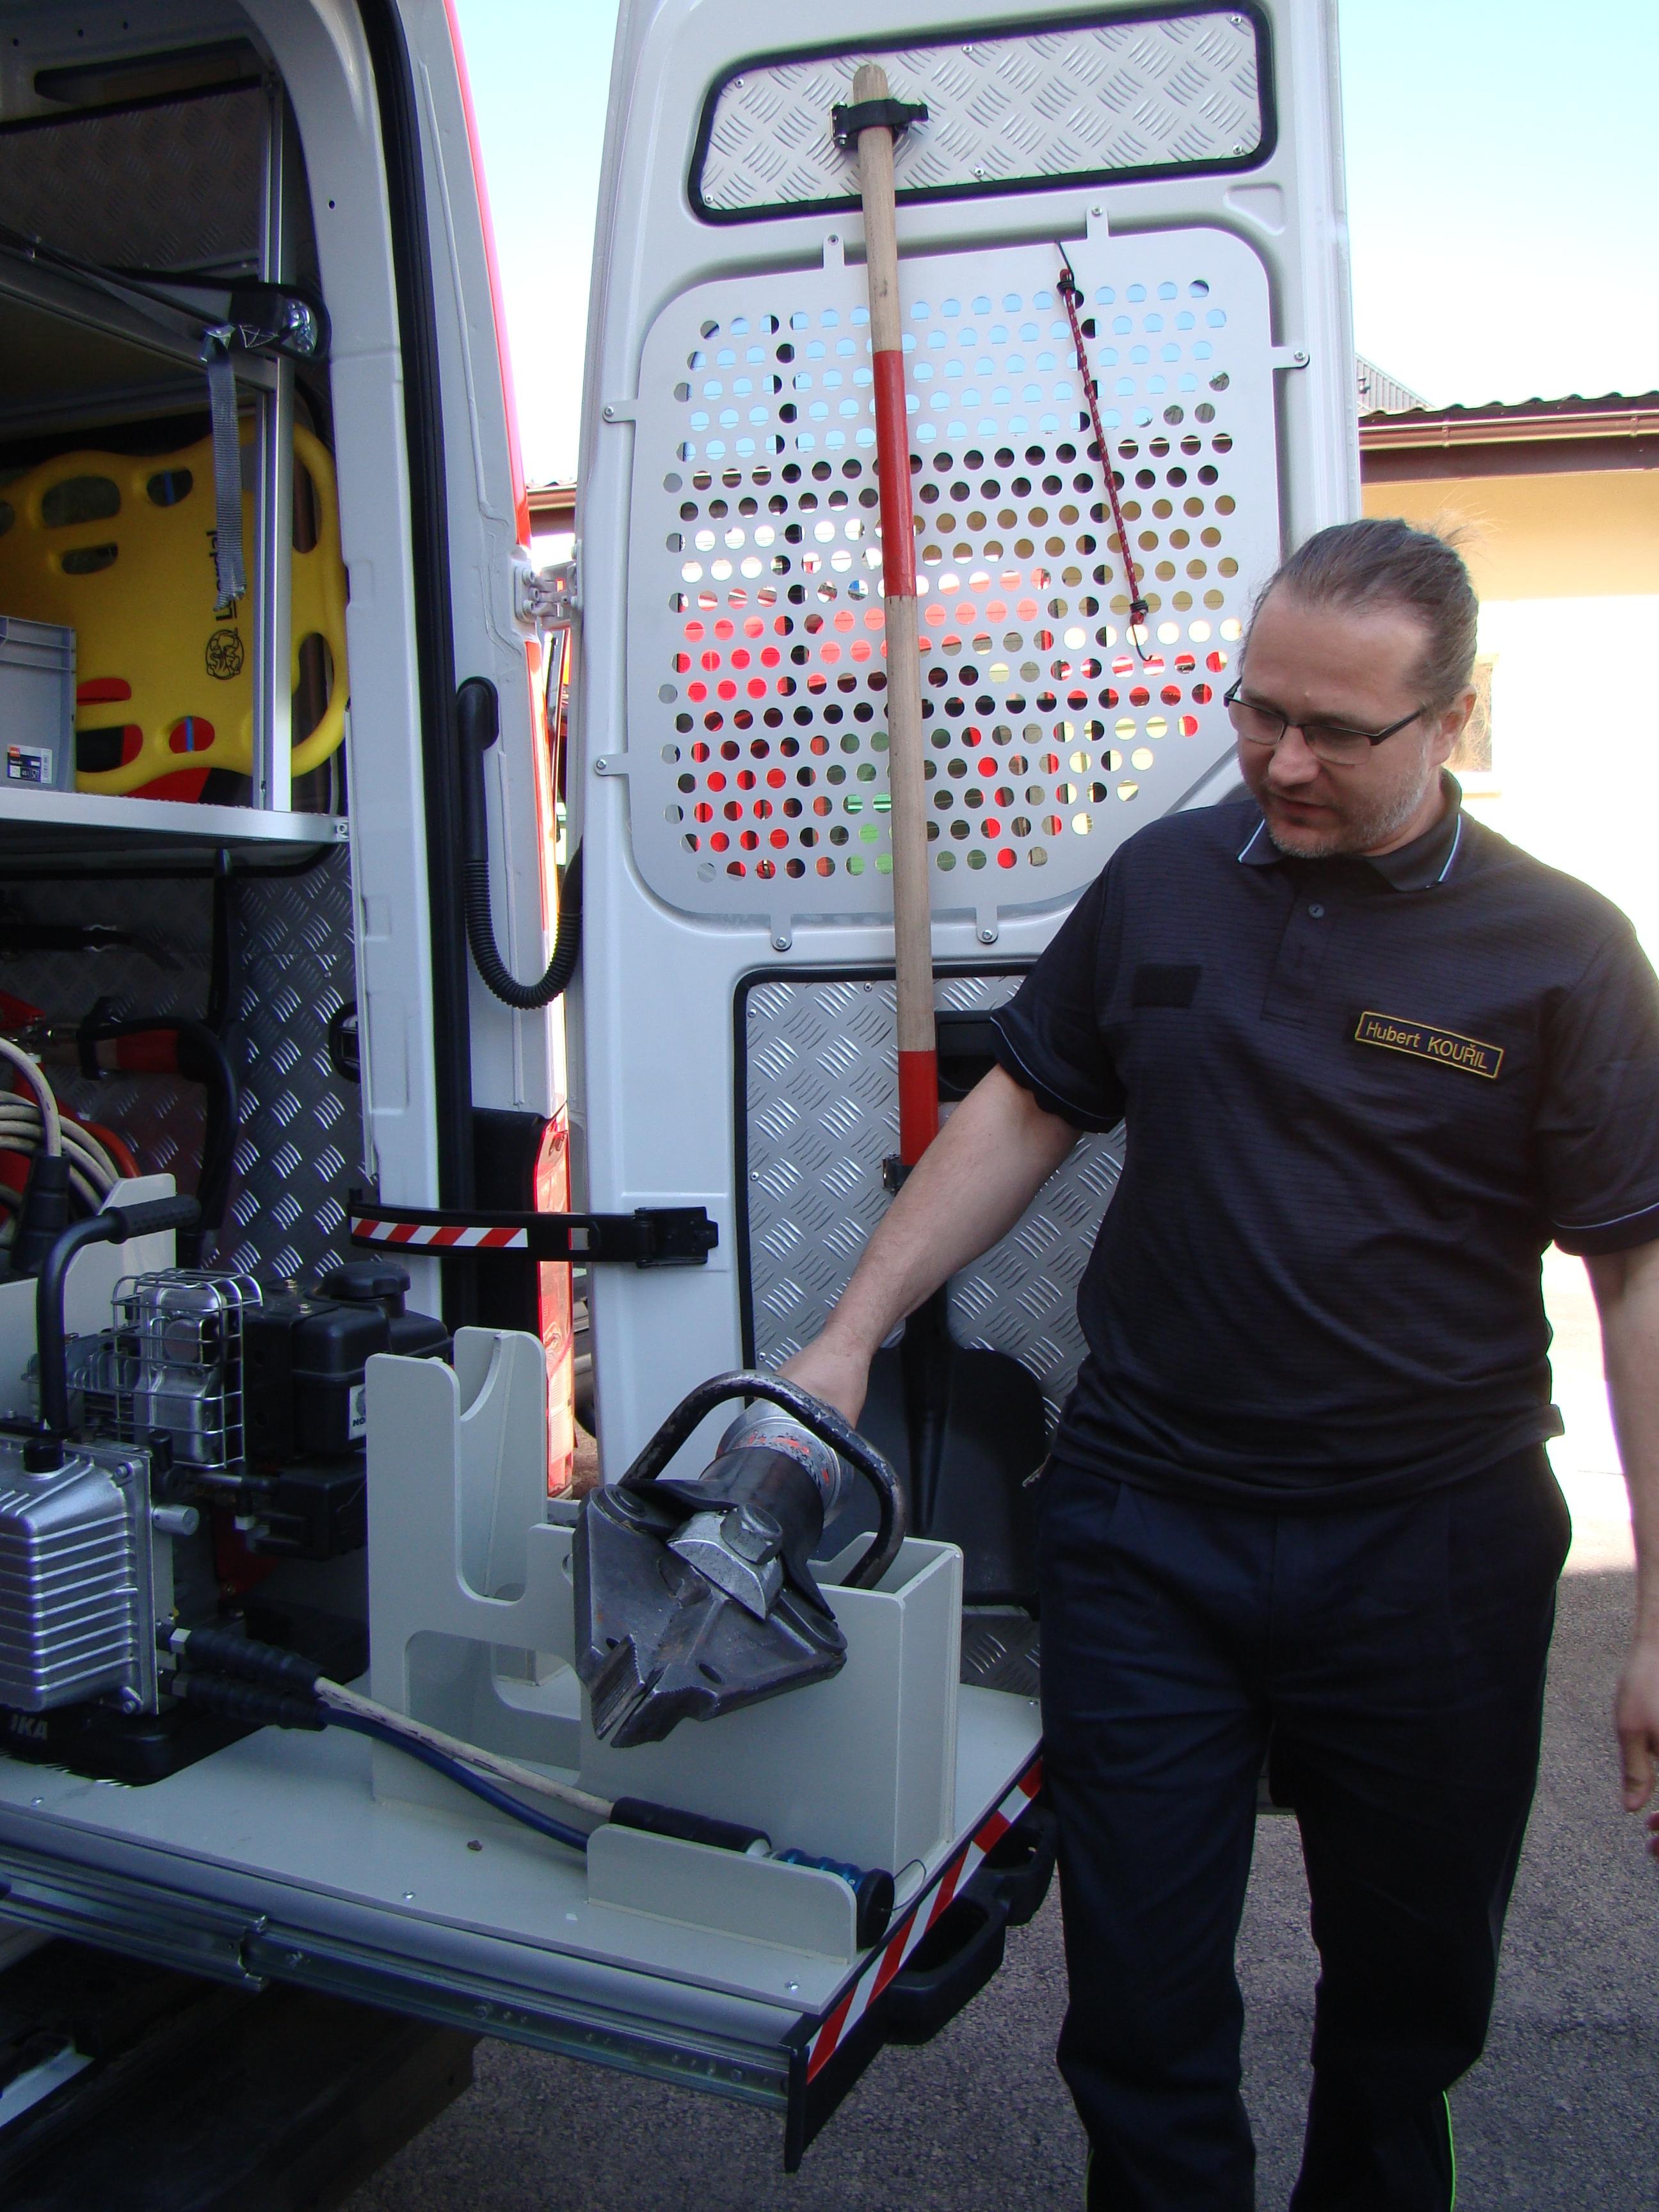 Staré Město - hasiči získali první automobil v historii SDH zdroj foto: B. Haušková